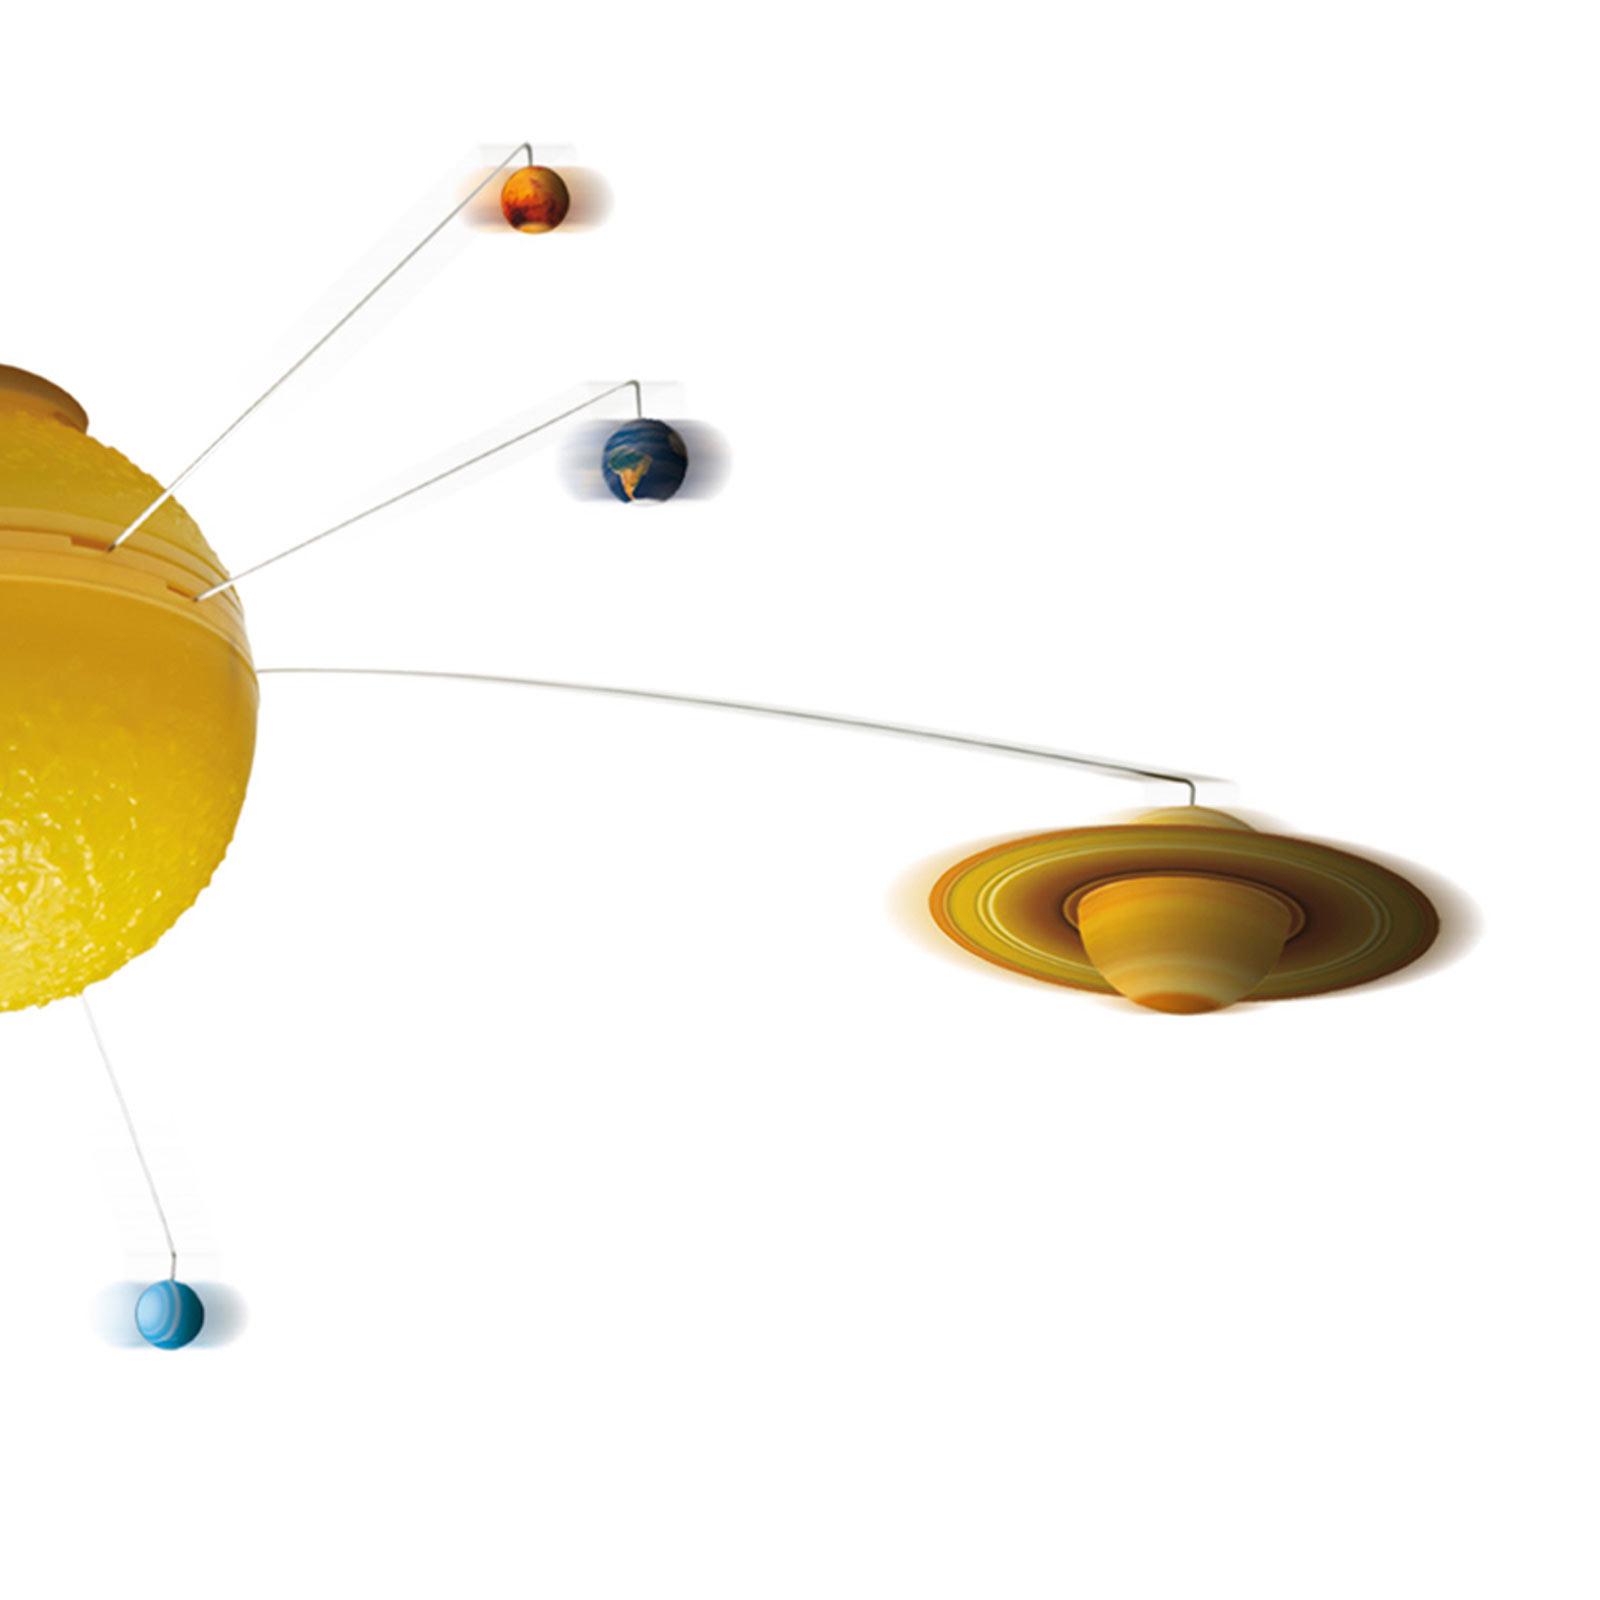 MotoriséNatureamp; Système Lumineux MotoriséNatureamp; Solaire Solaire Découvertes Système Découvertes Lumineux Système b2eW9EHIDY